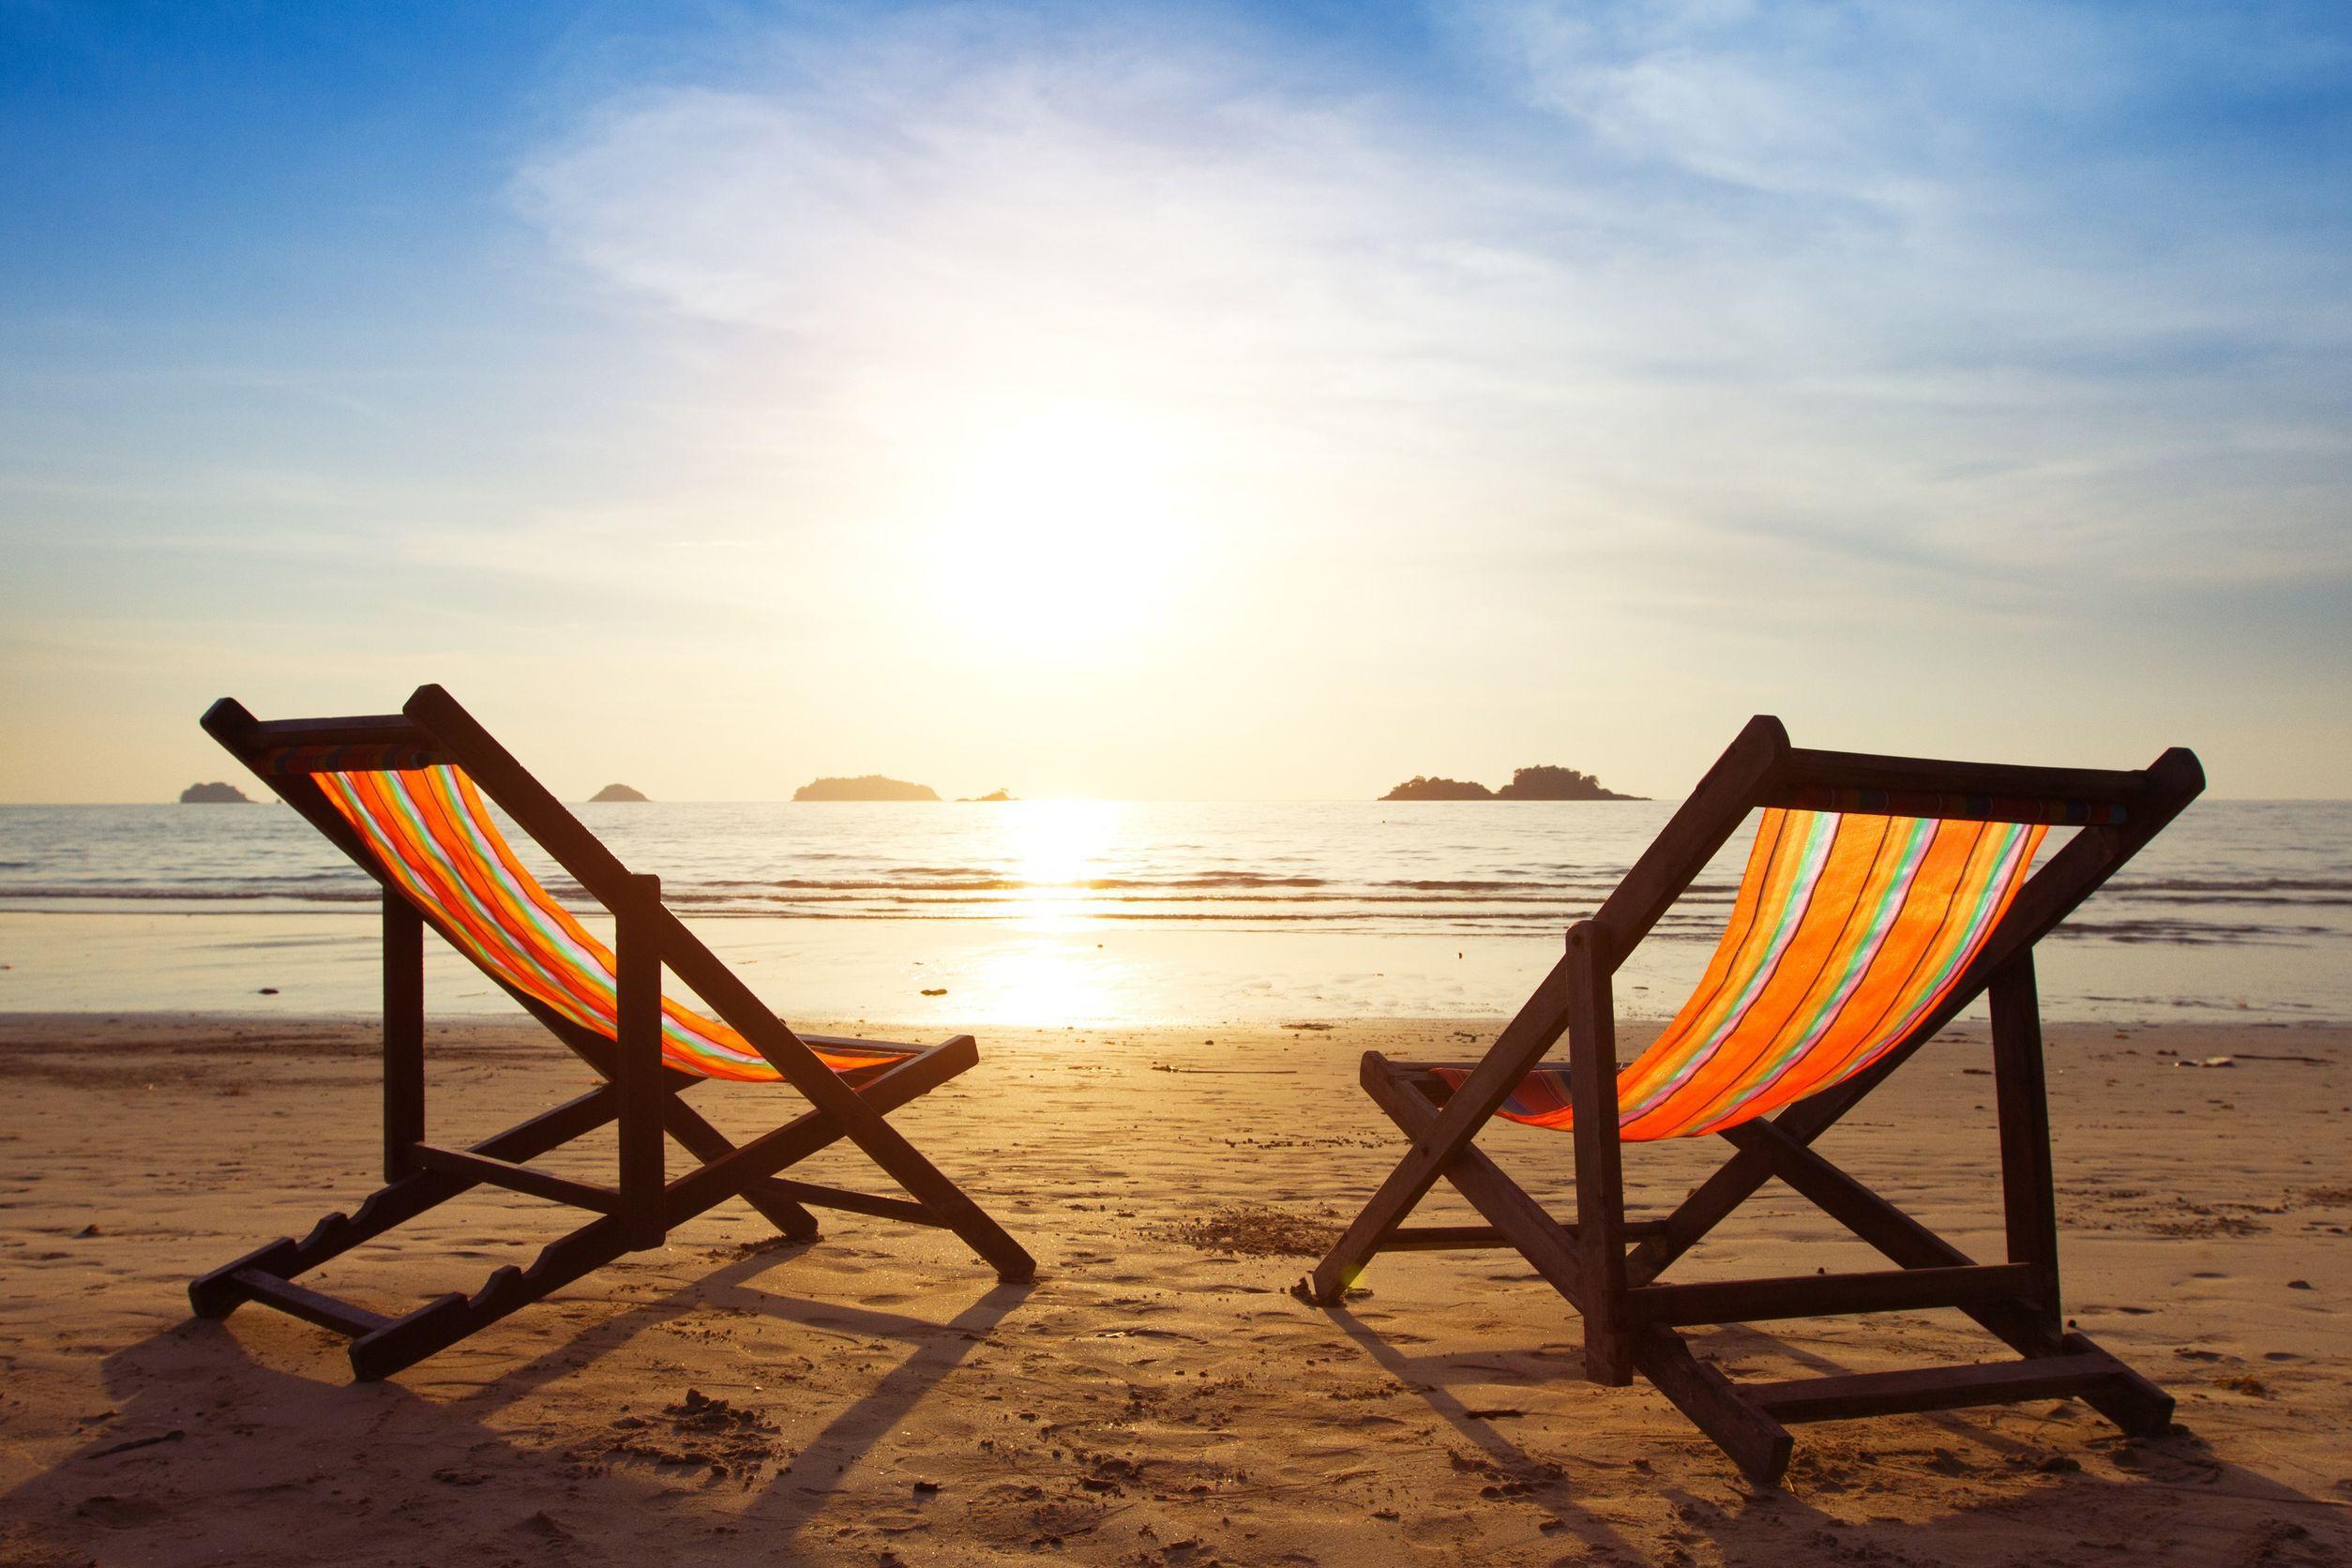 Vremea caldă în toată ţara, temperaturile maxime ajung până la 33 de grade Celsius. PROGNOZA METEO pentru sâmbătă şi duminică